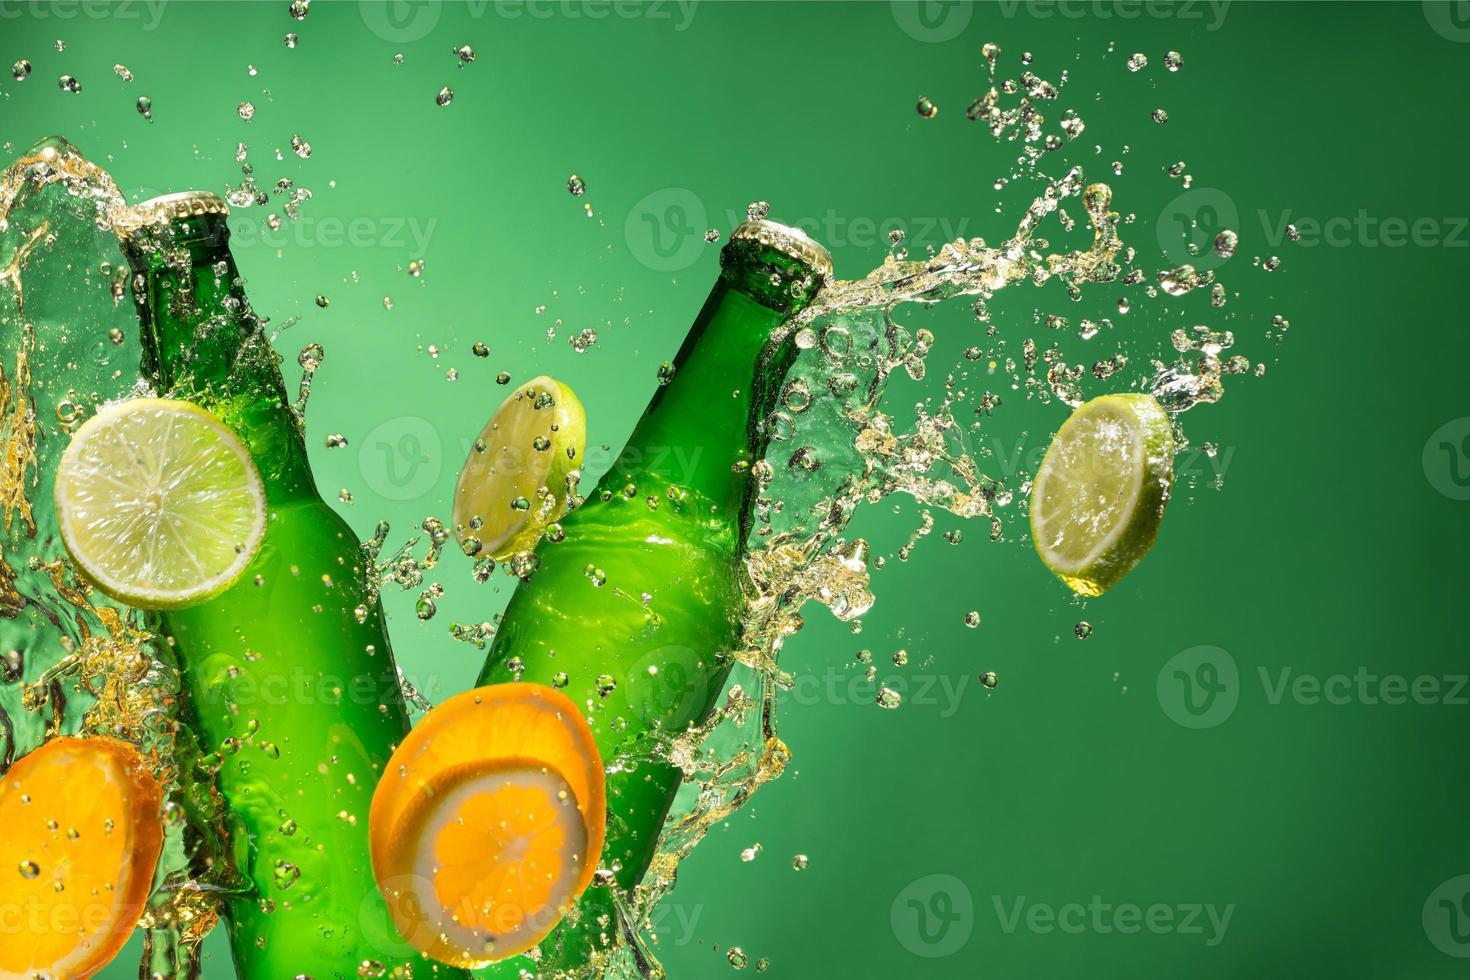 Flaschen Obstbier mit Spritzer, auf Grün foto